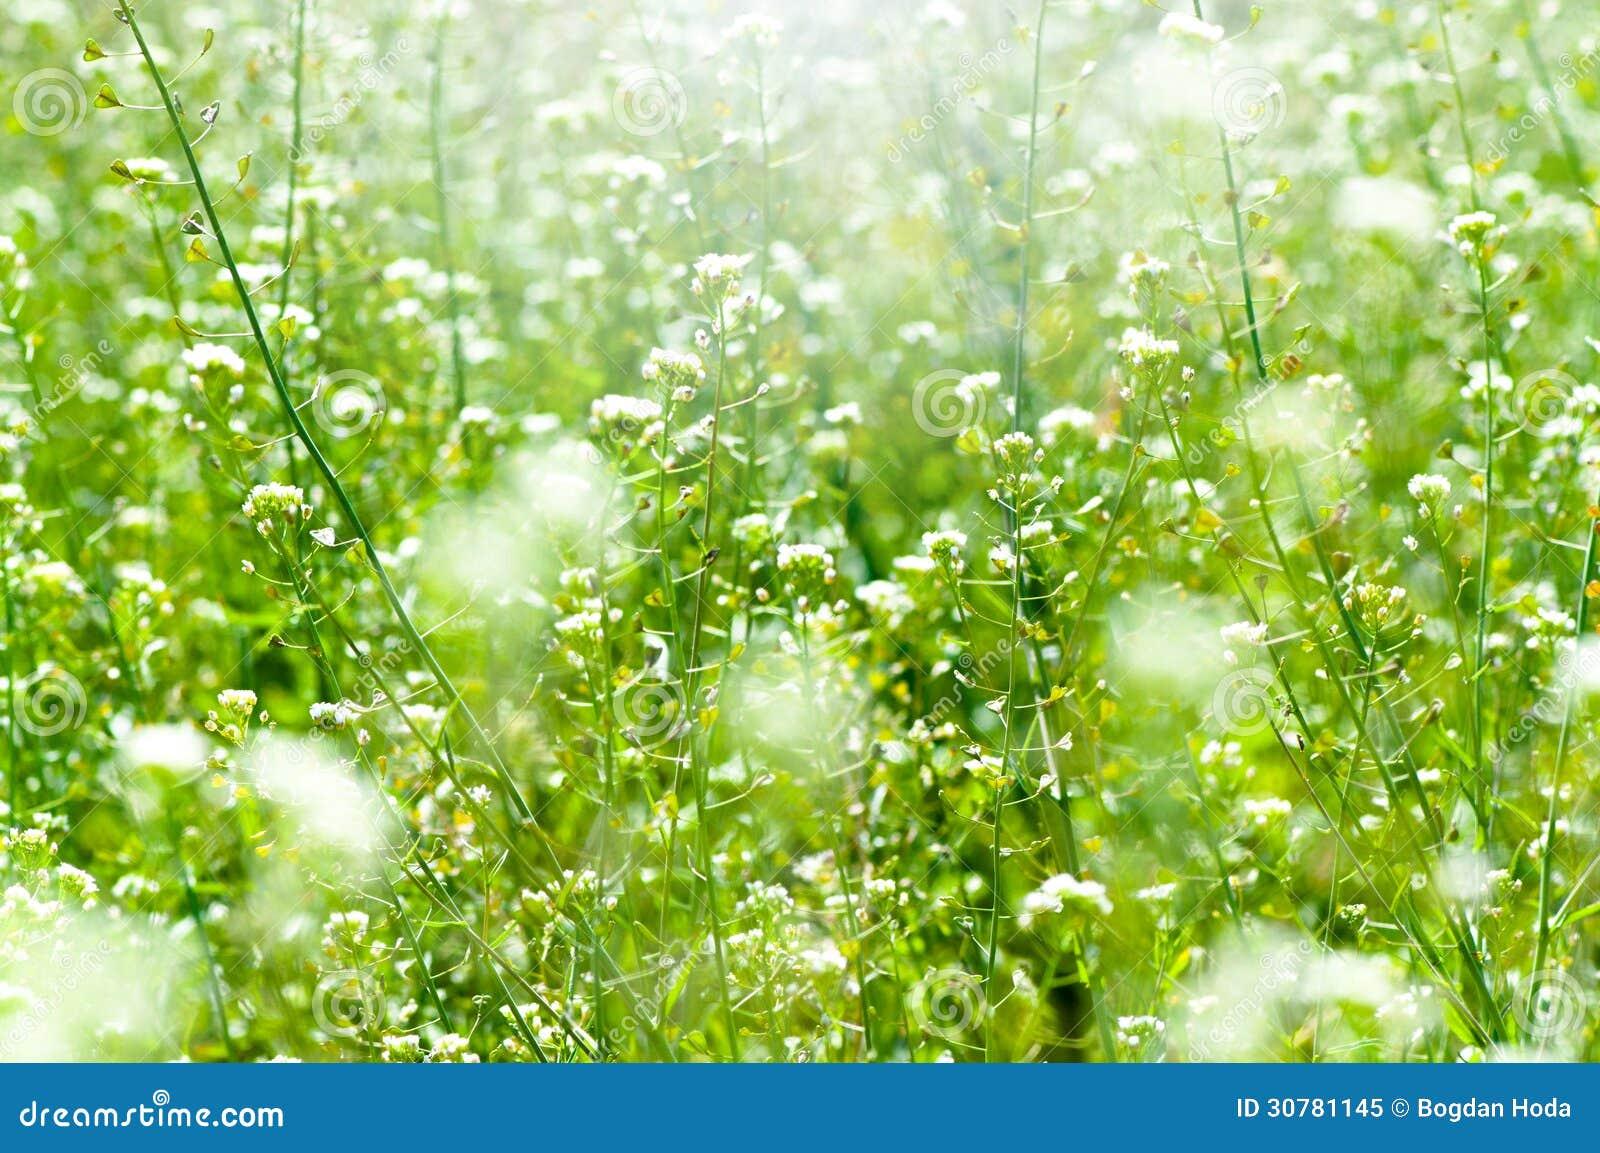 La primavera e l 39 estate wallpaper con erba verde ed i - Fiori da giardino primavera estate ...